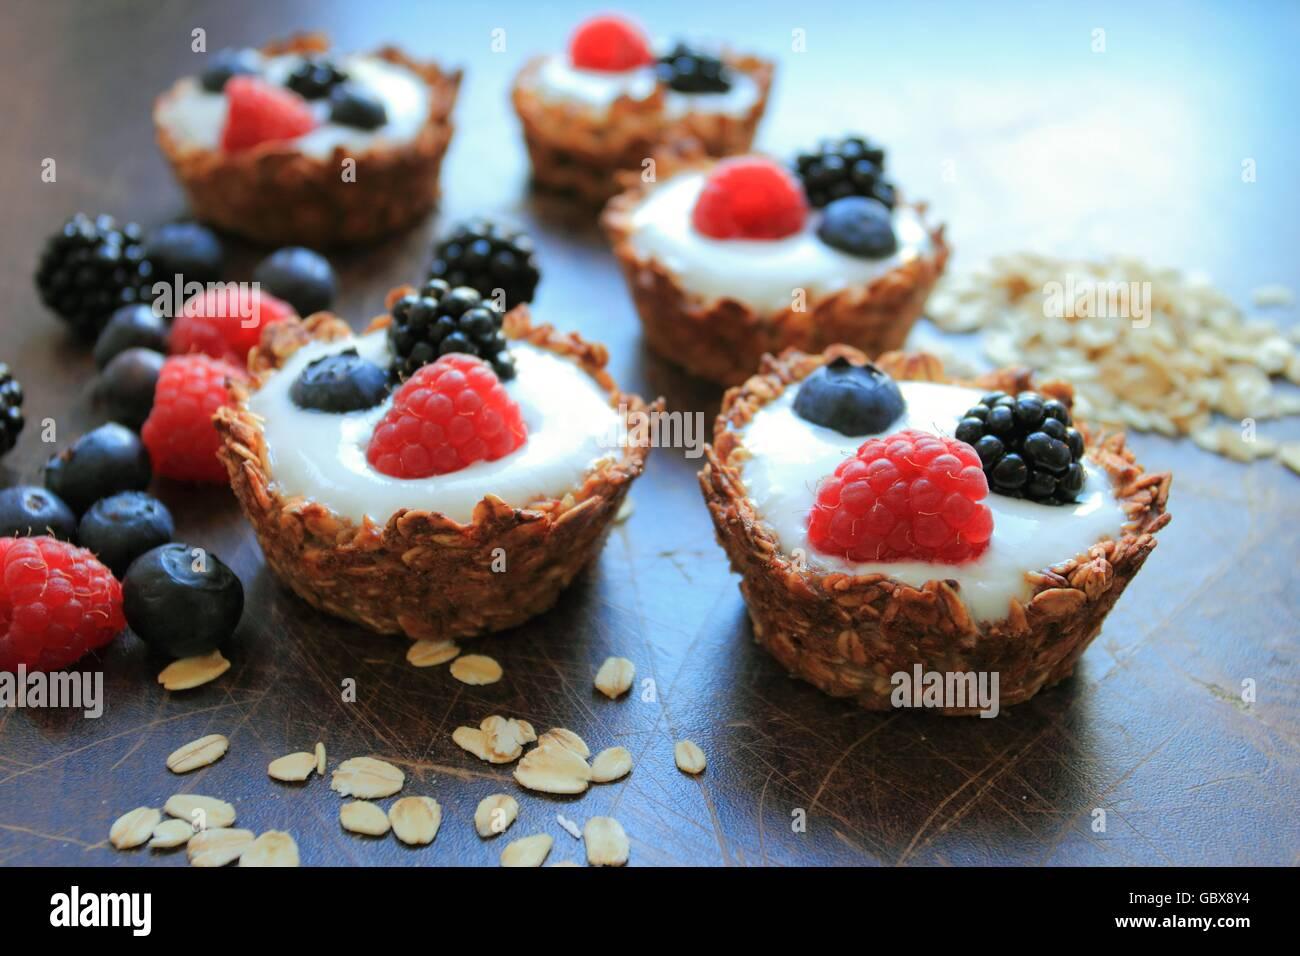 Tartas caseras con avena, cereales y fruta Imagen De Stock